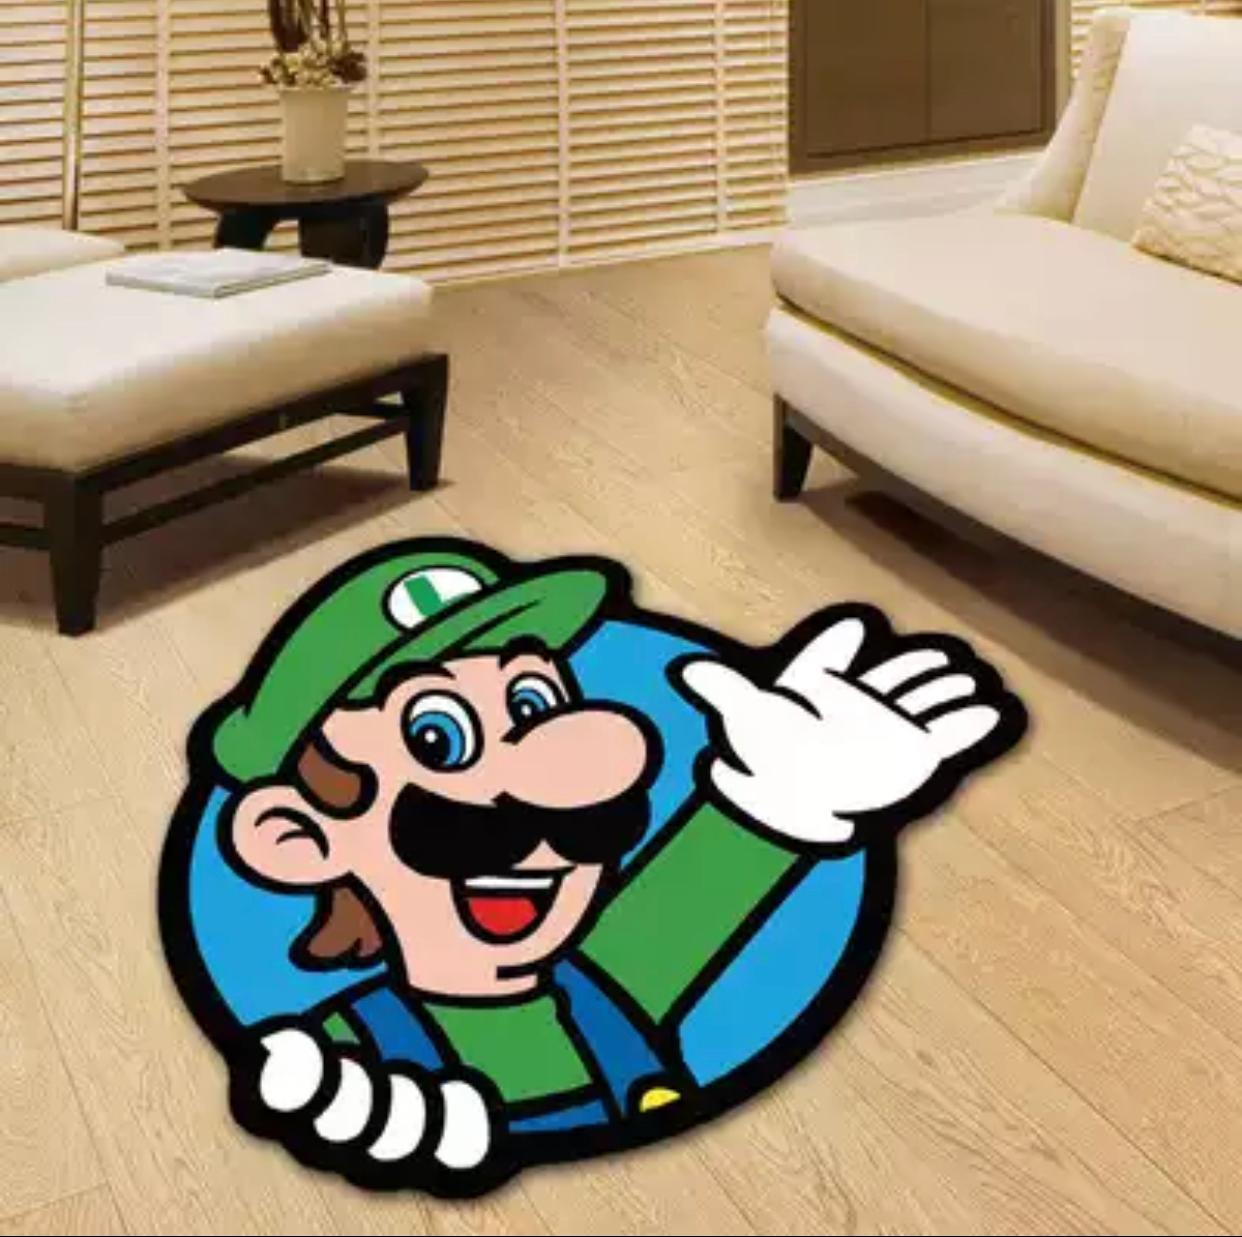 Tapete Carpete Quarto Infantil Luigi: Super Mario Bros 1,00 X 1,00 m - EVALI